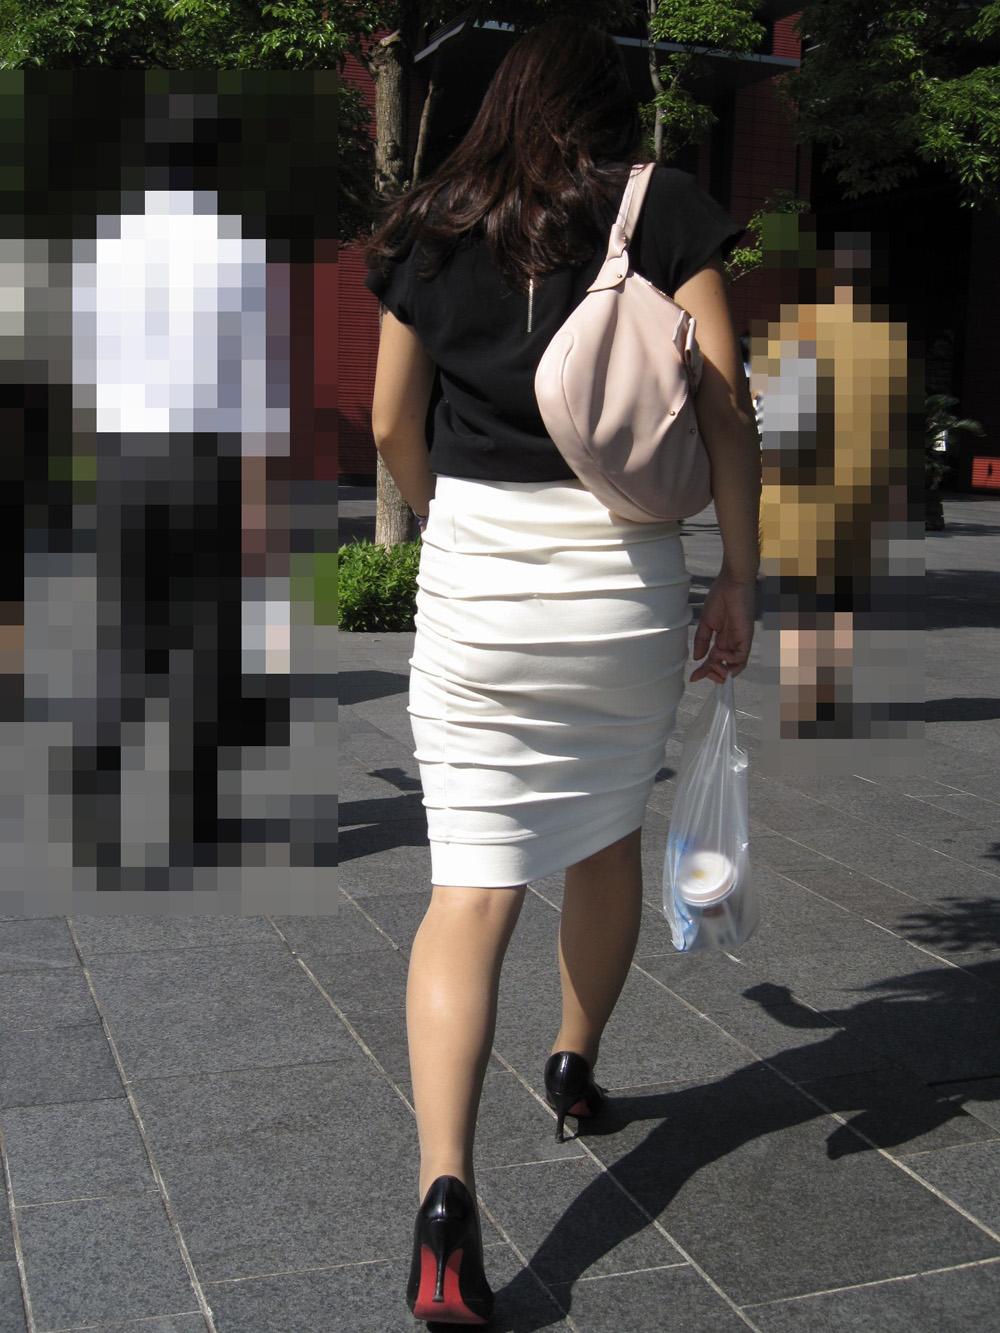 【街撮りOLエロ画像】着衣尻と美脚を只管追っかけ!肉付きたまらん働く女性の下半身www 20